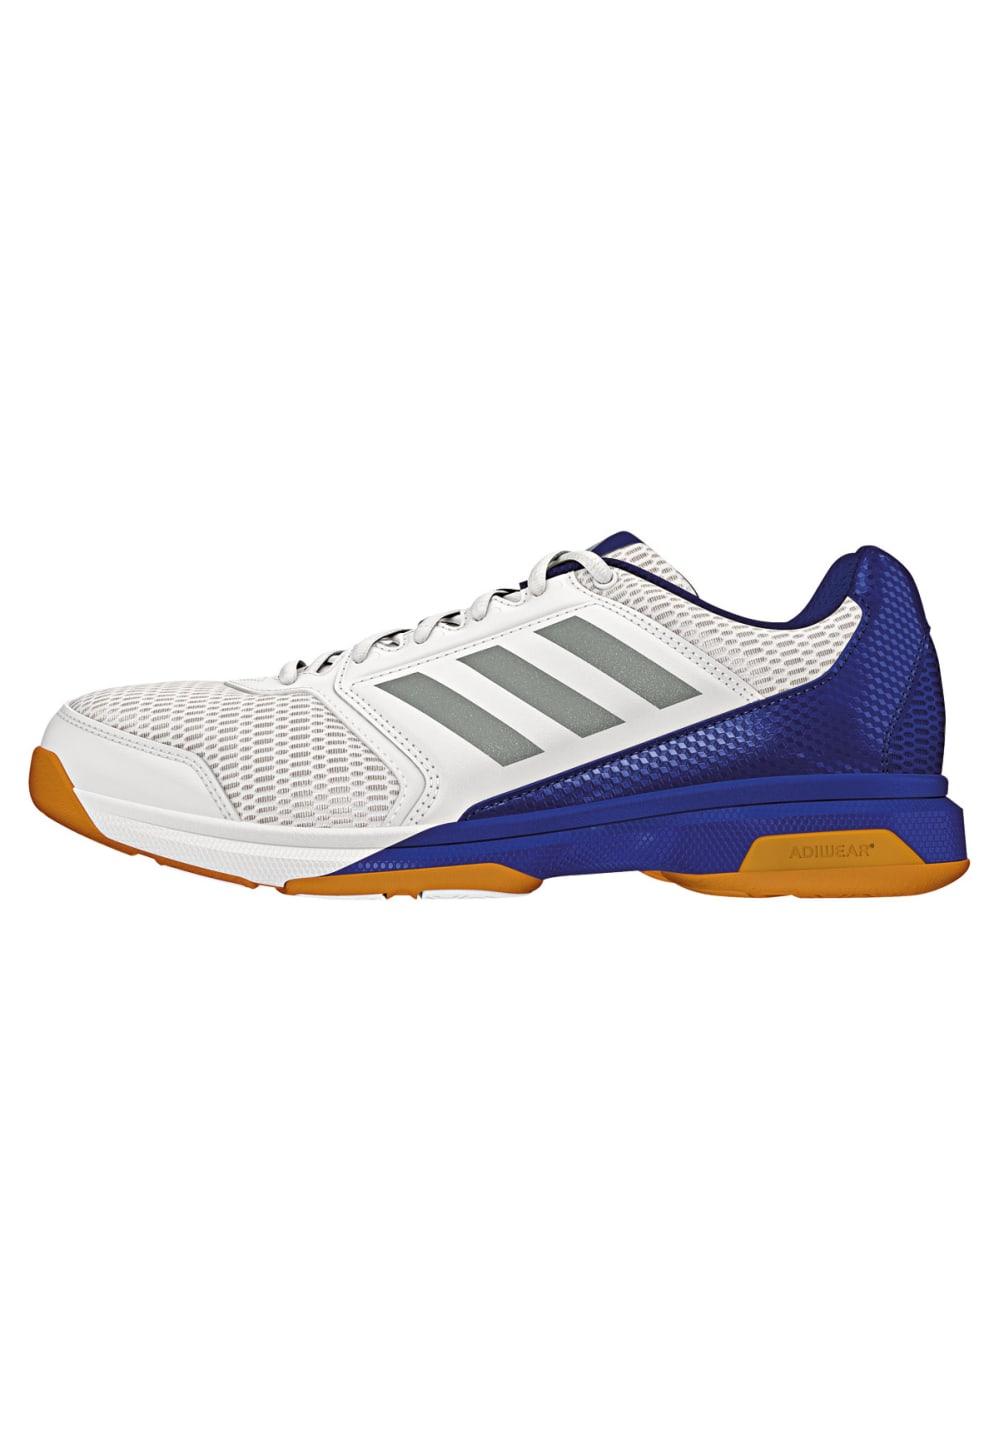 Adidas Multido Chaussures Essence de handball masculin